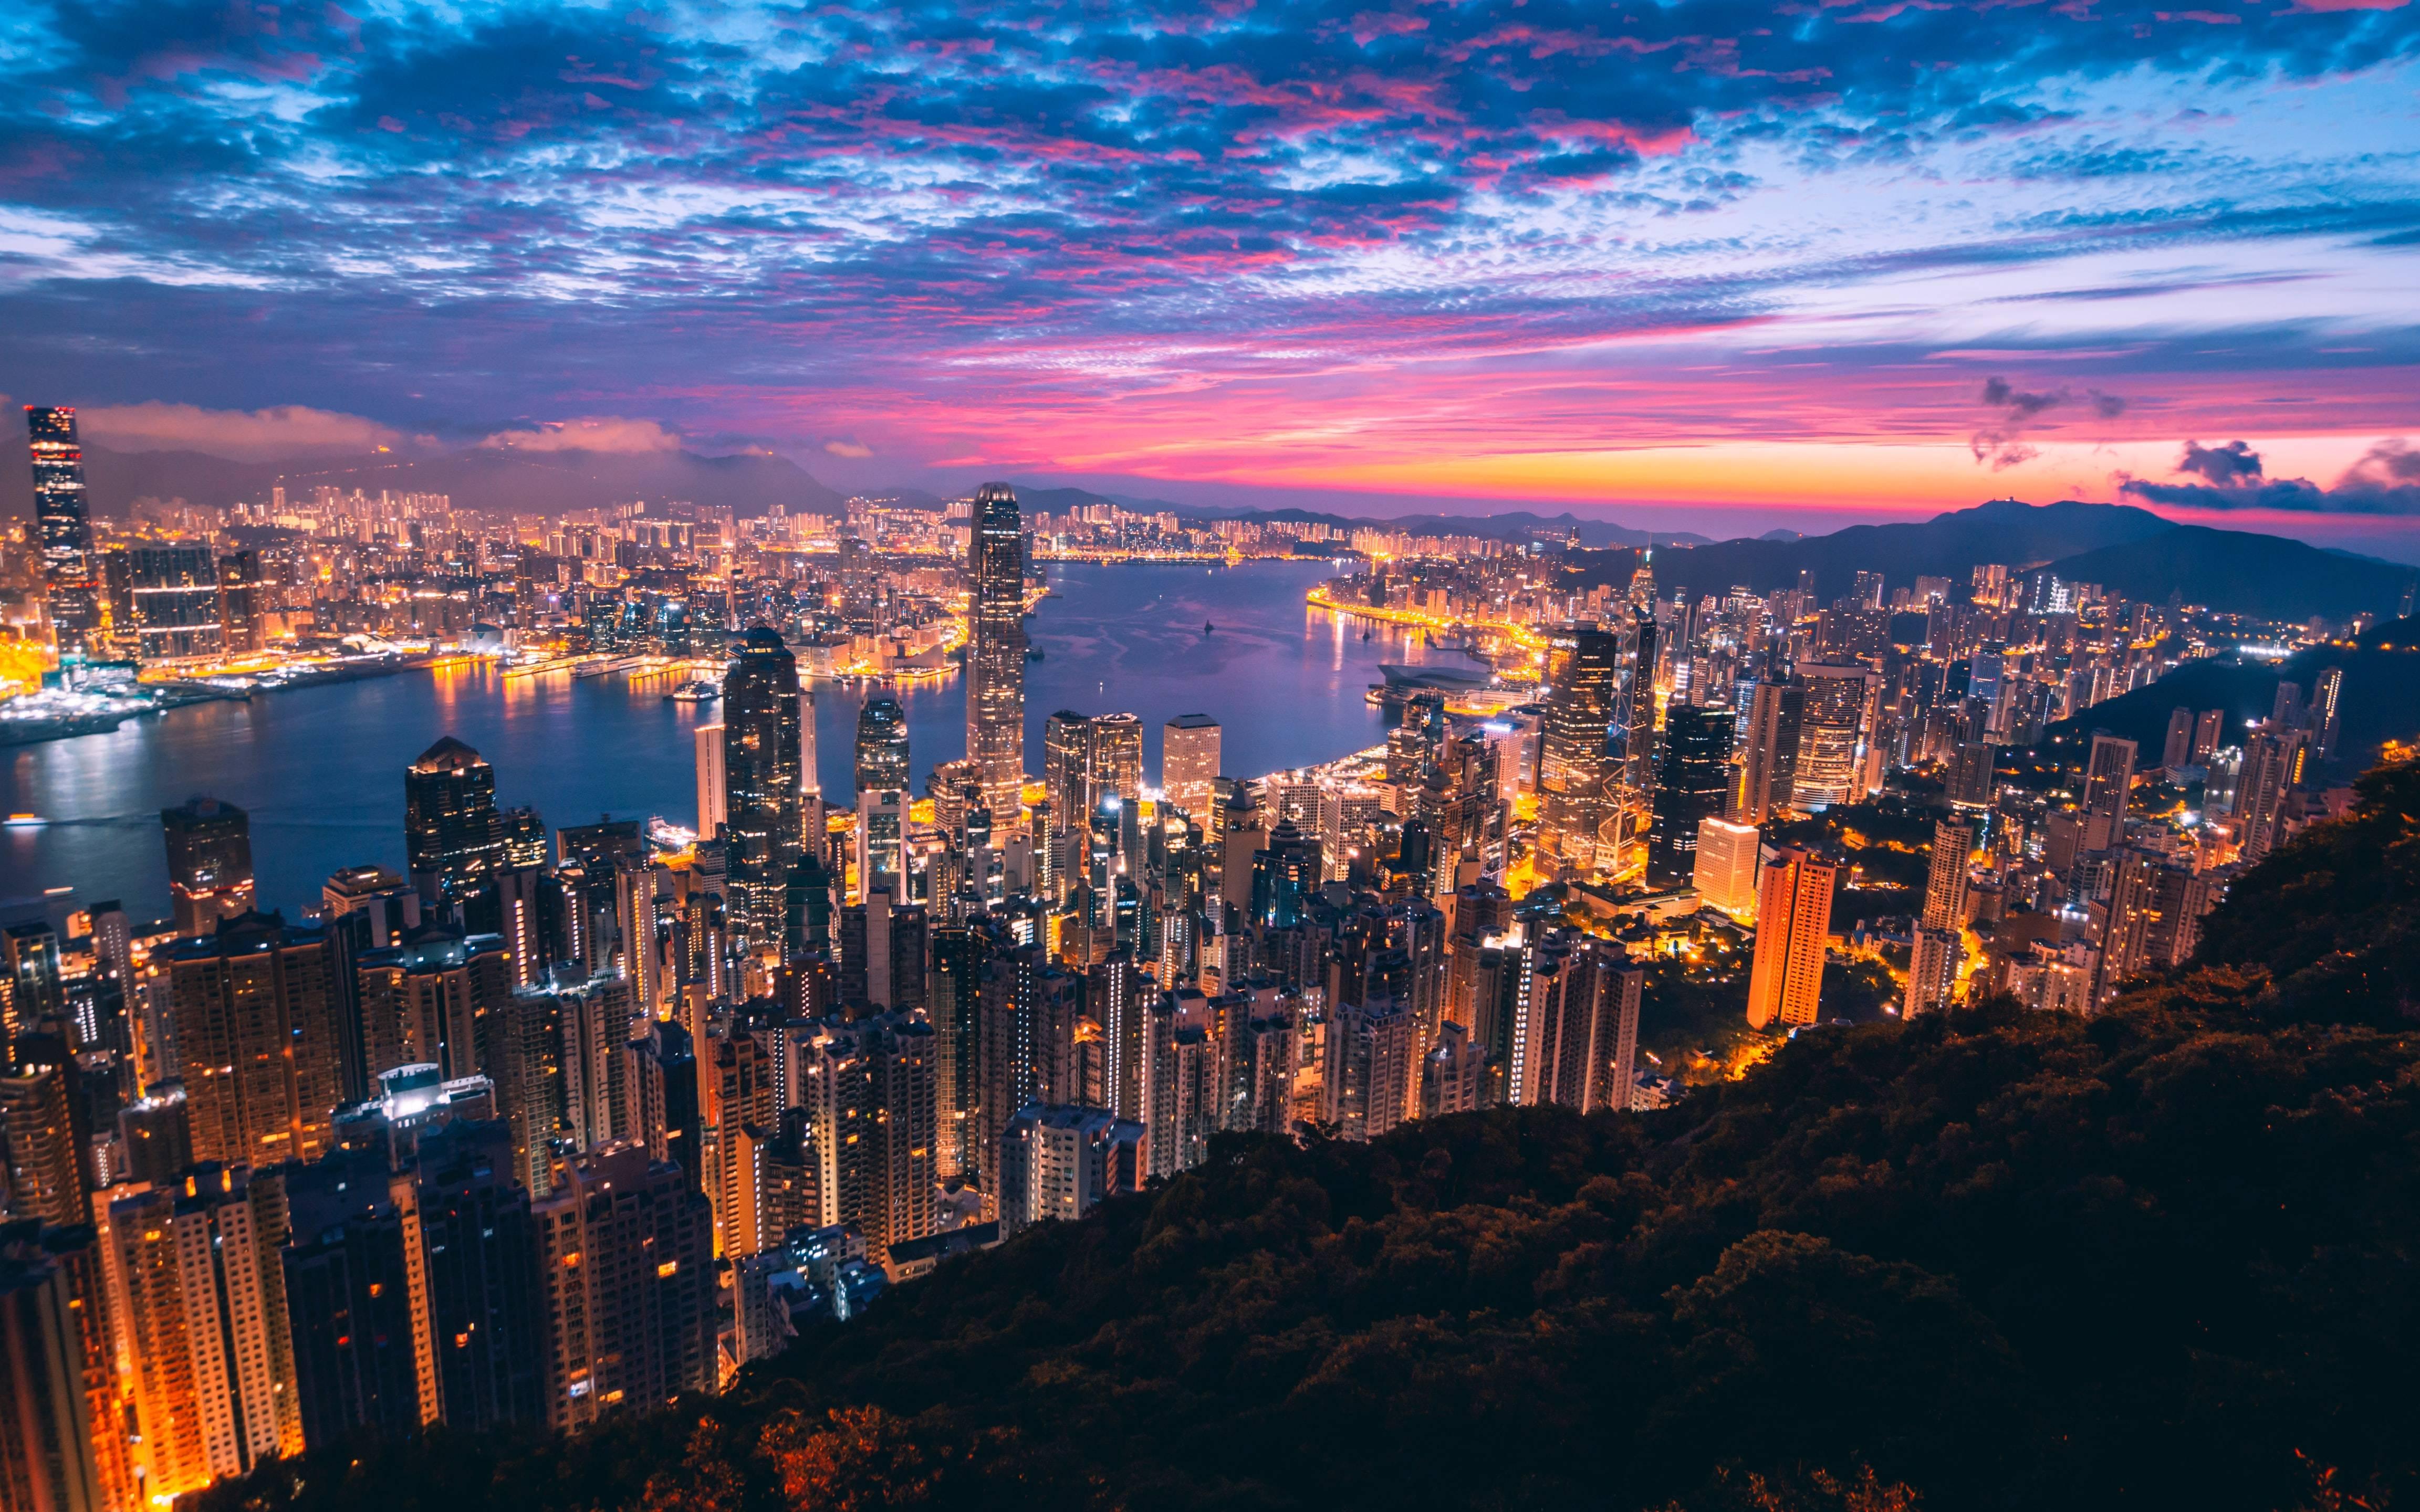 Hong Kong cityline